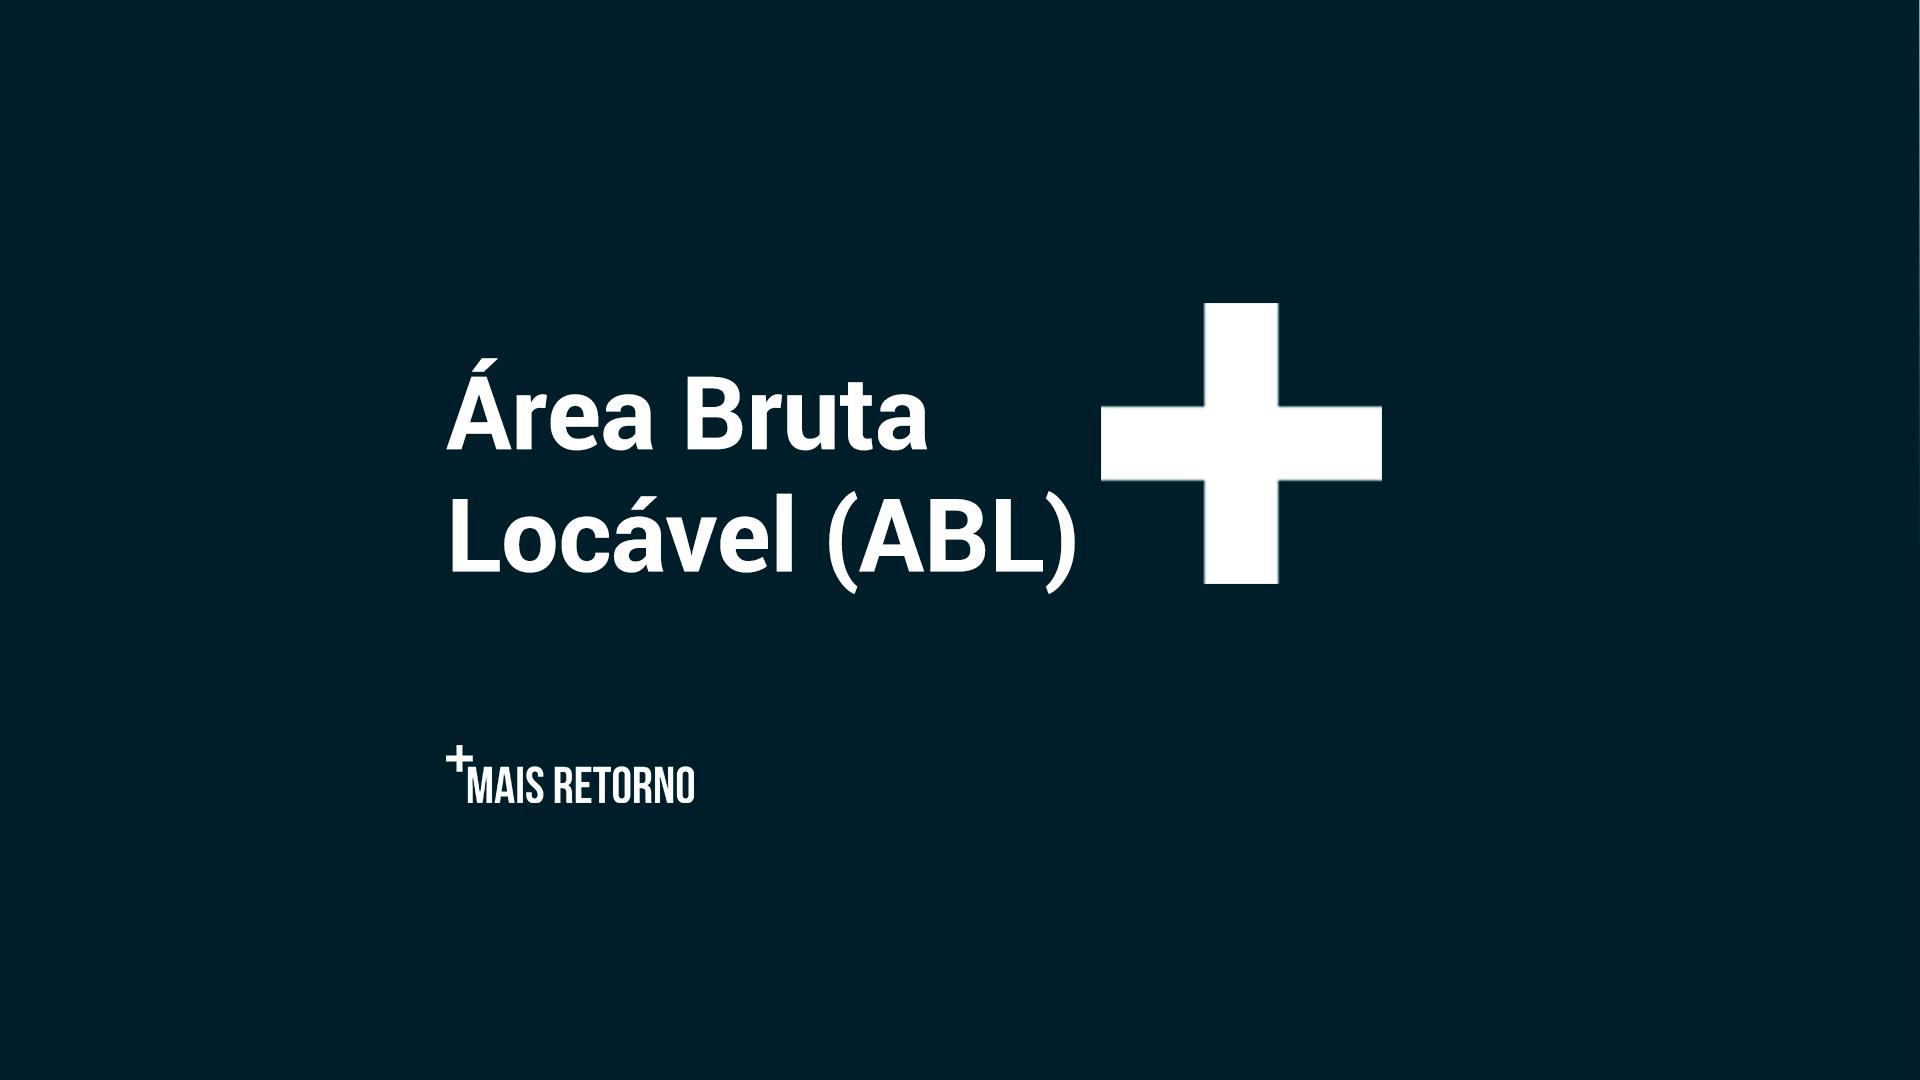 Área bruta locável (ABL)